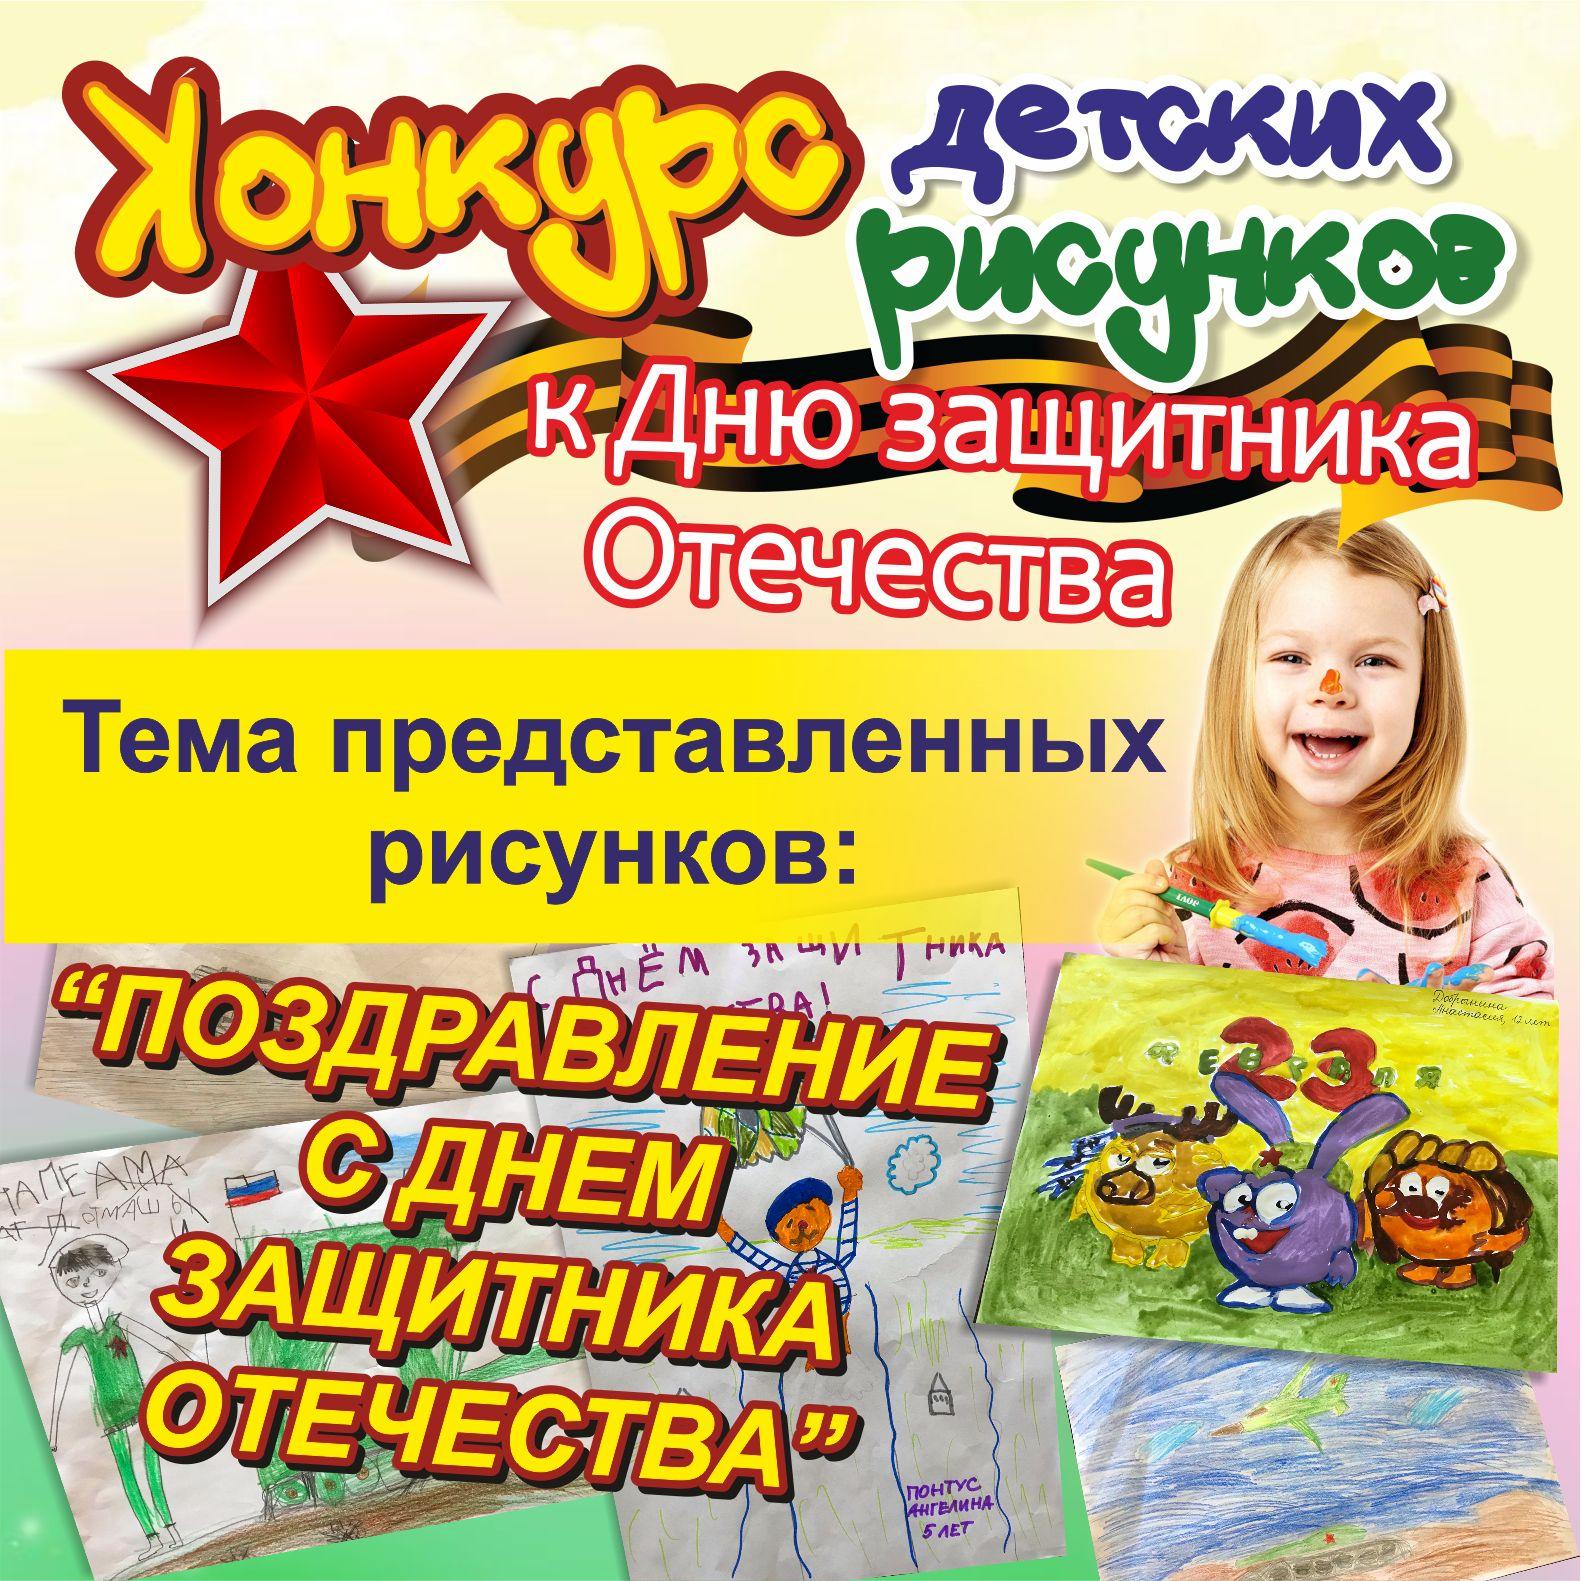 ООО «Дивный сад» провел конкурс детских рисунков к 23 февраля